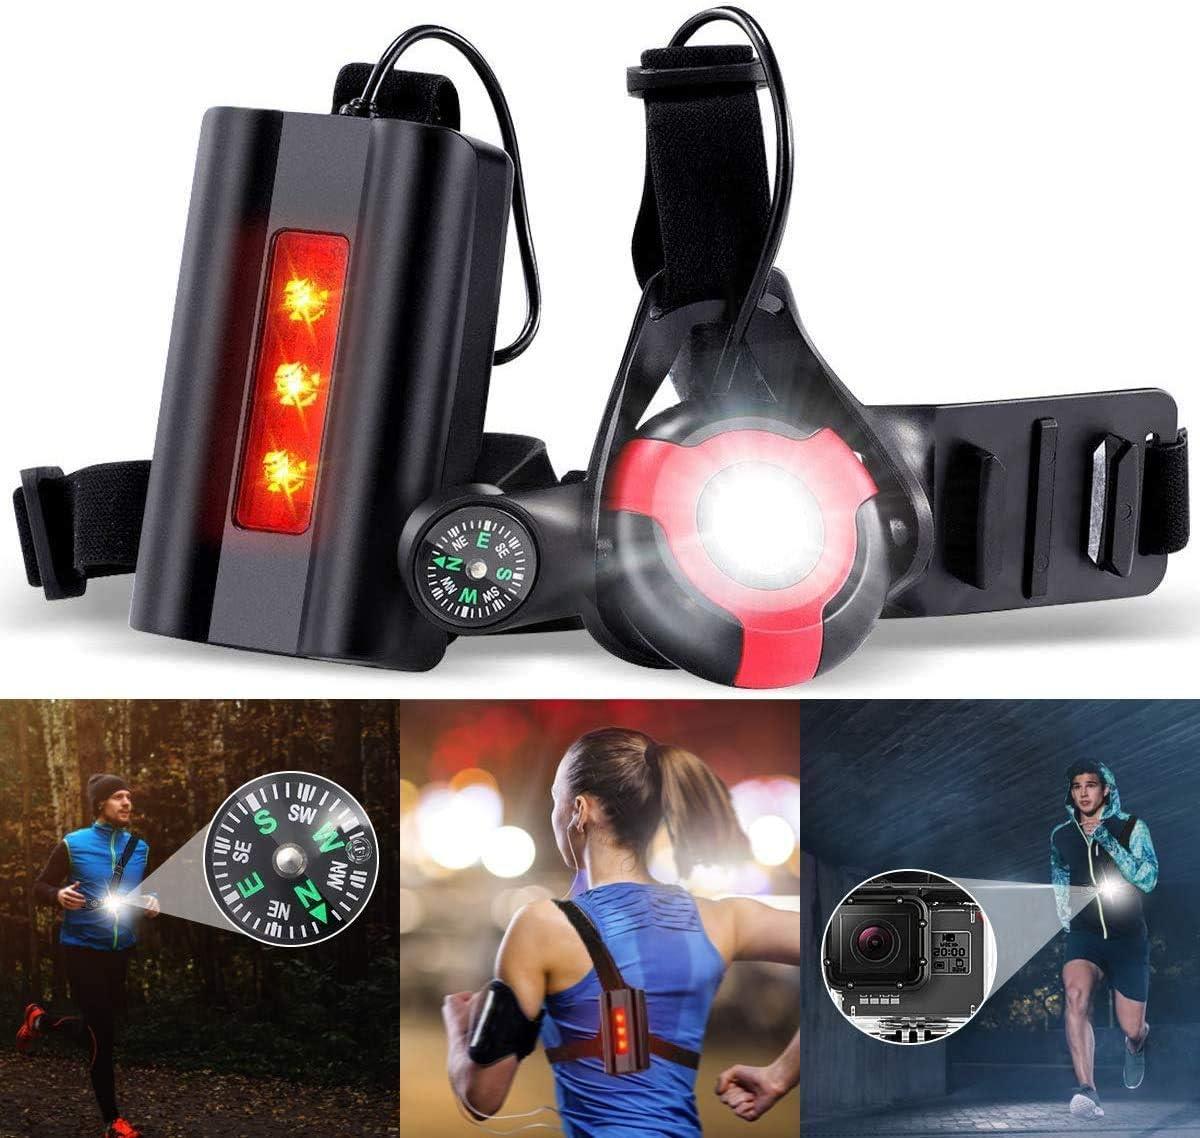 Luz del pecho Liviano Luz Led Frontal Correr con Recargables USB Impermeable Luz para Correr Running con Cinta reflectante Competir L/ámpara 3 Modos 1000 L/úmenes C/ómodo e Ideal para Trotar